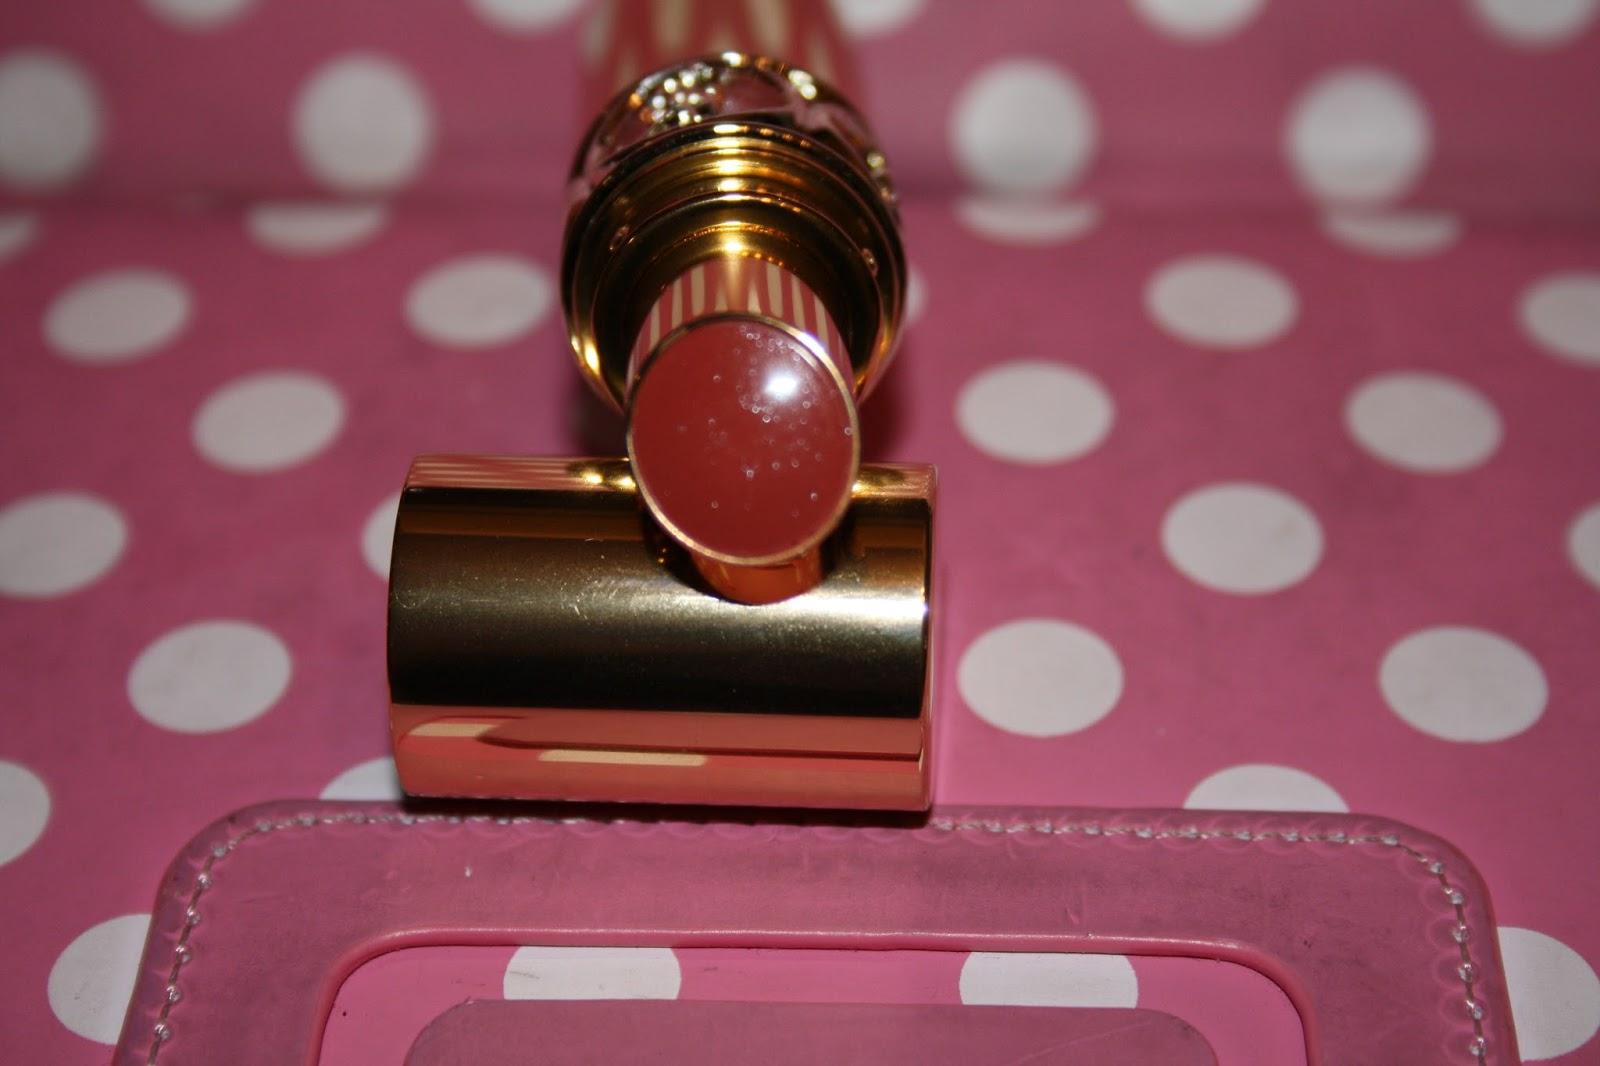 YSL Lipstick 9 - Nude in Private!